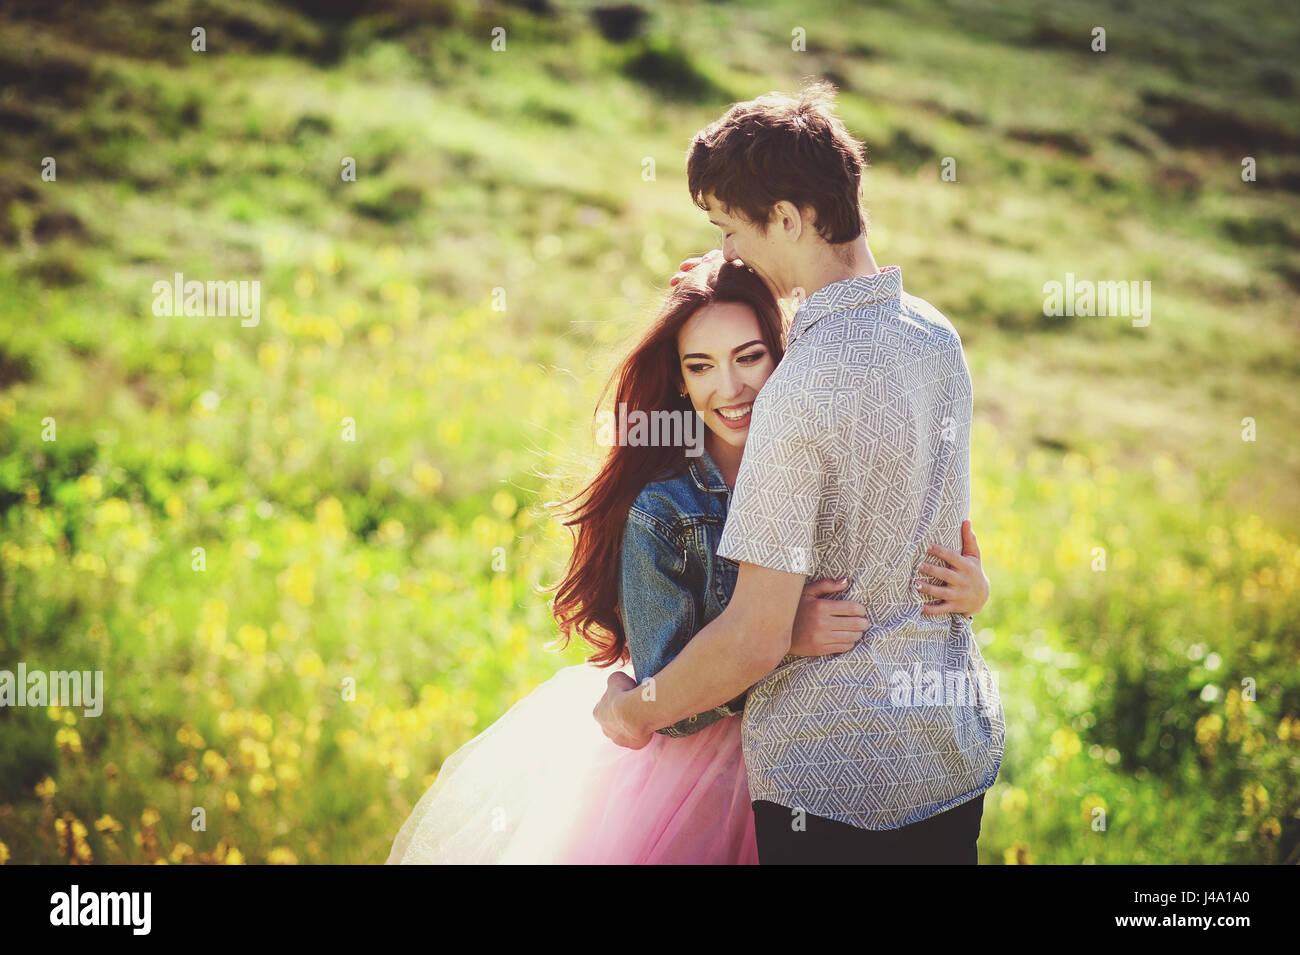 Lächelnde paar in der Liebe im Freien. glücklich Lifestyle-Konzept. Liebesgeschichte Stockbild